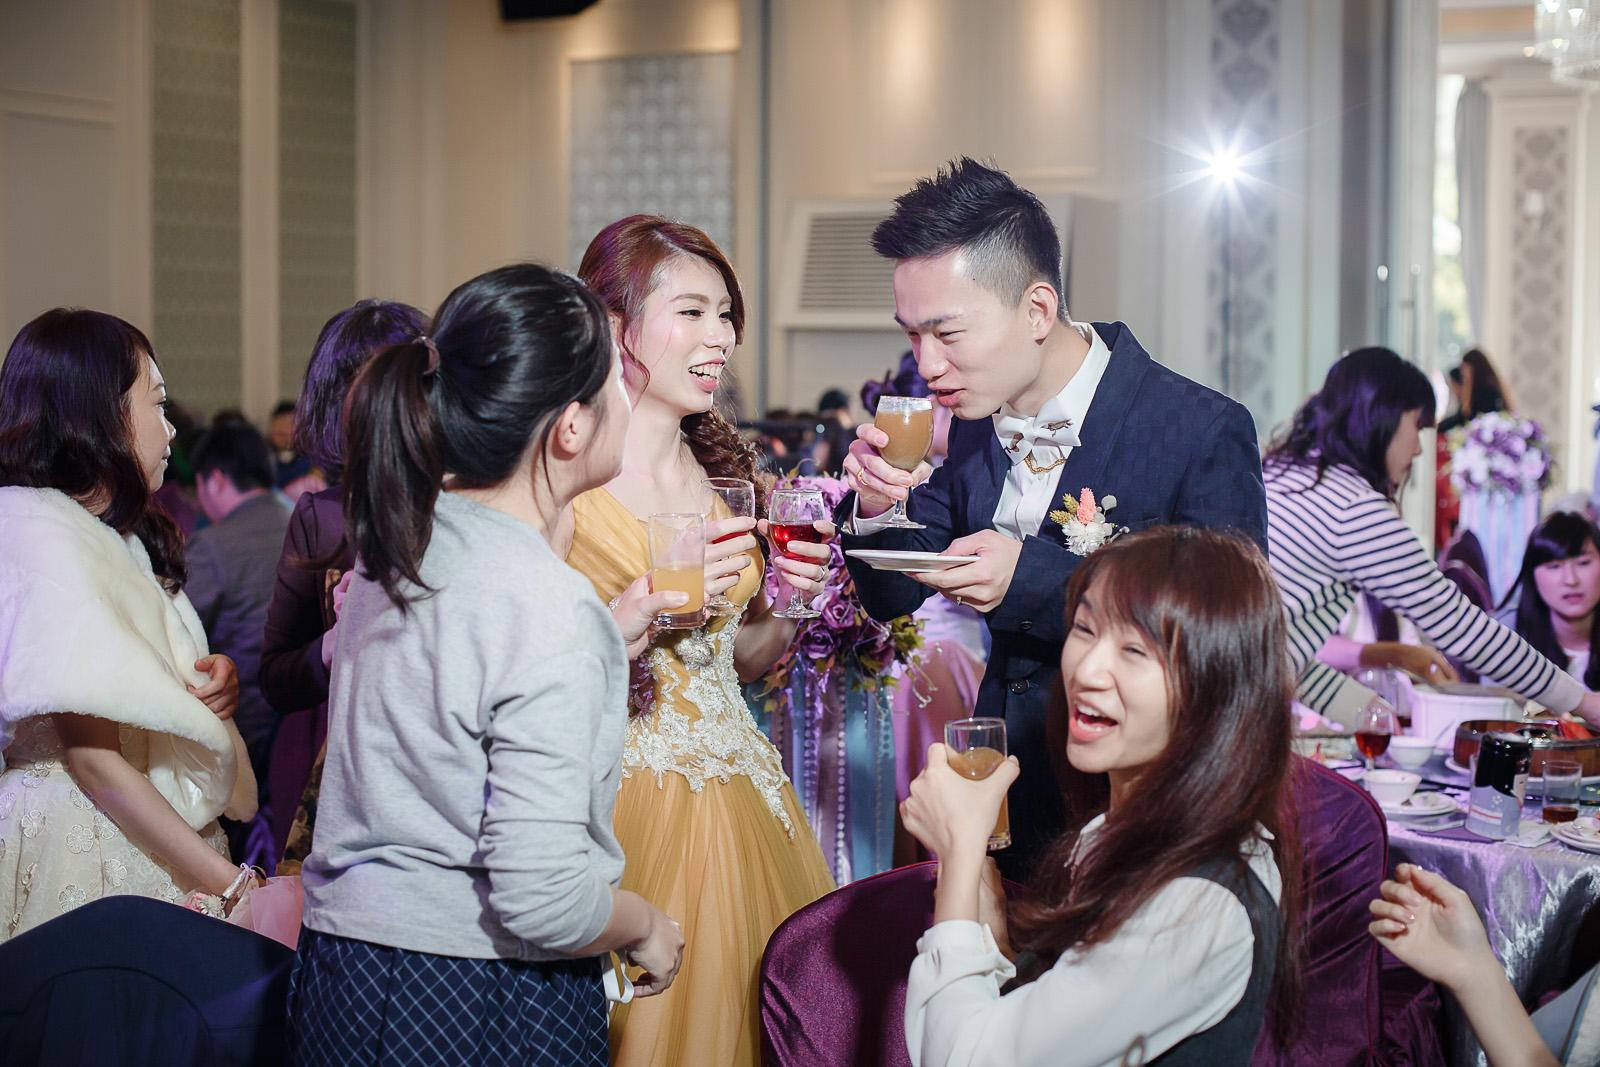 高雄圓山飯店,婚禮攝影,婚攝,高雄婚攝,優質婚攝推薦,Jen&Ethan-316